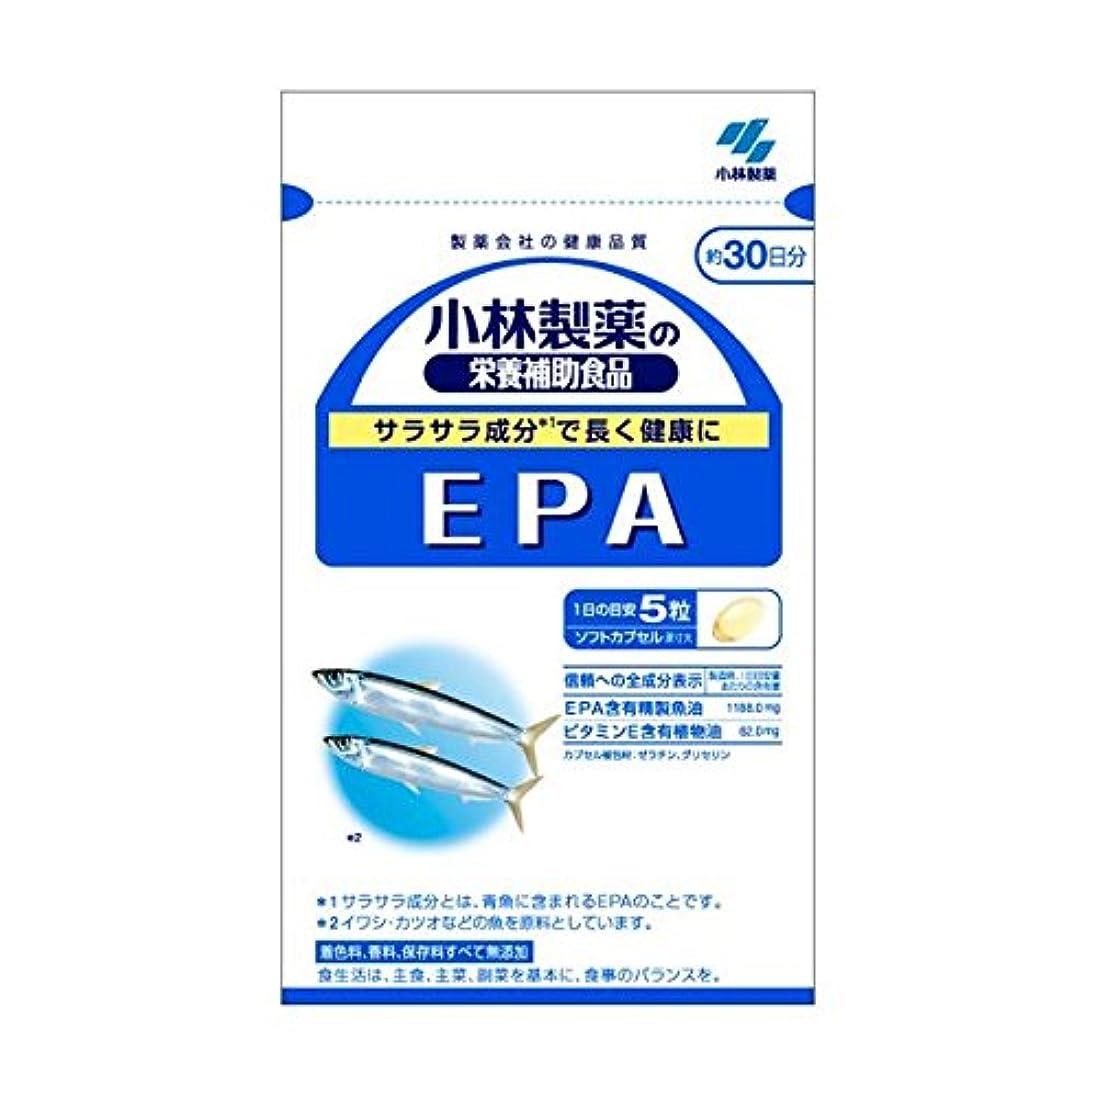 ユーザー案件驚いたことに小林製薬の栄養補助食品 EPA(150粒 約30日分) 2セット